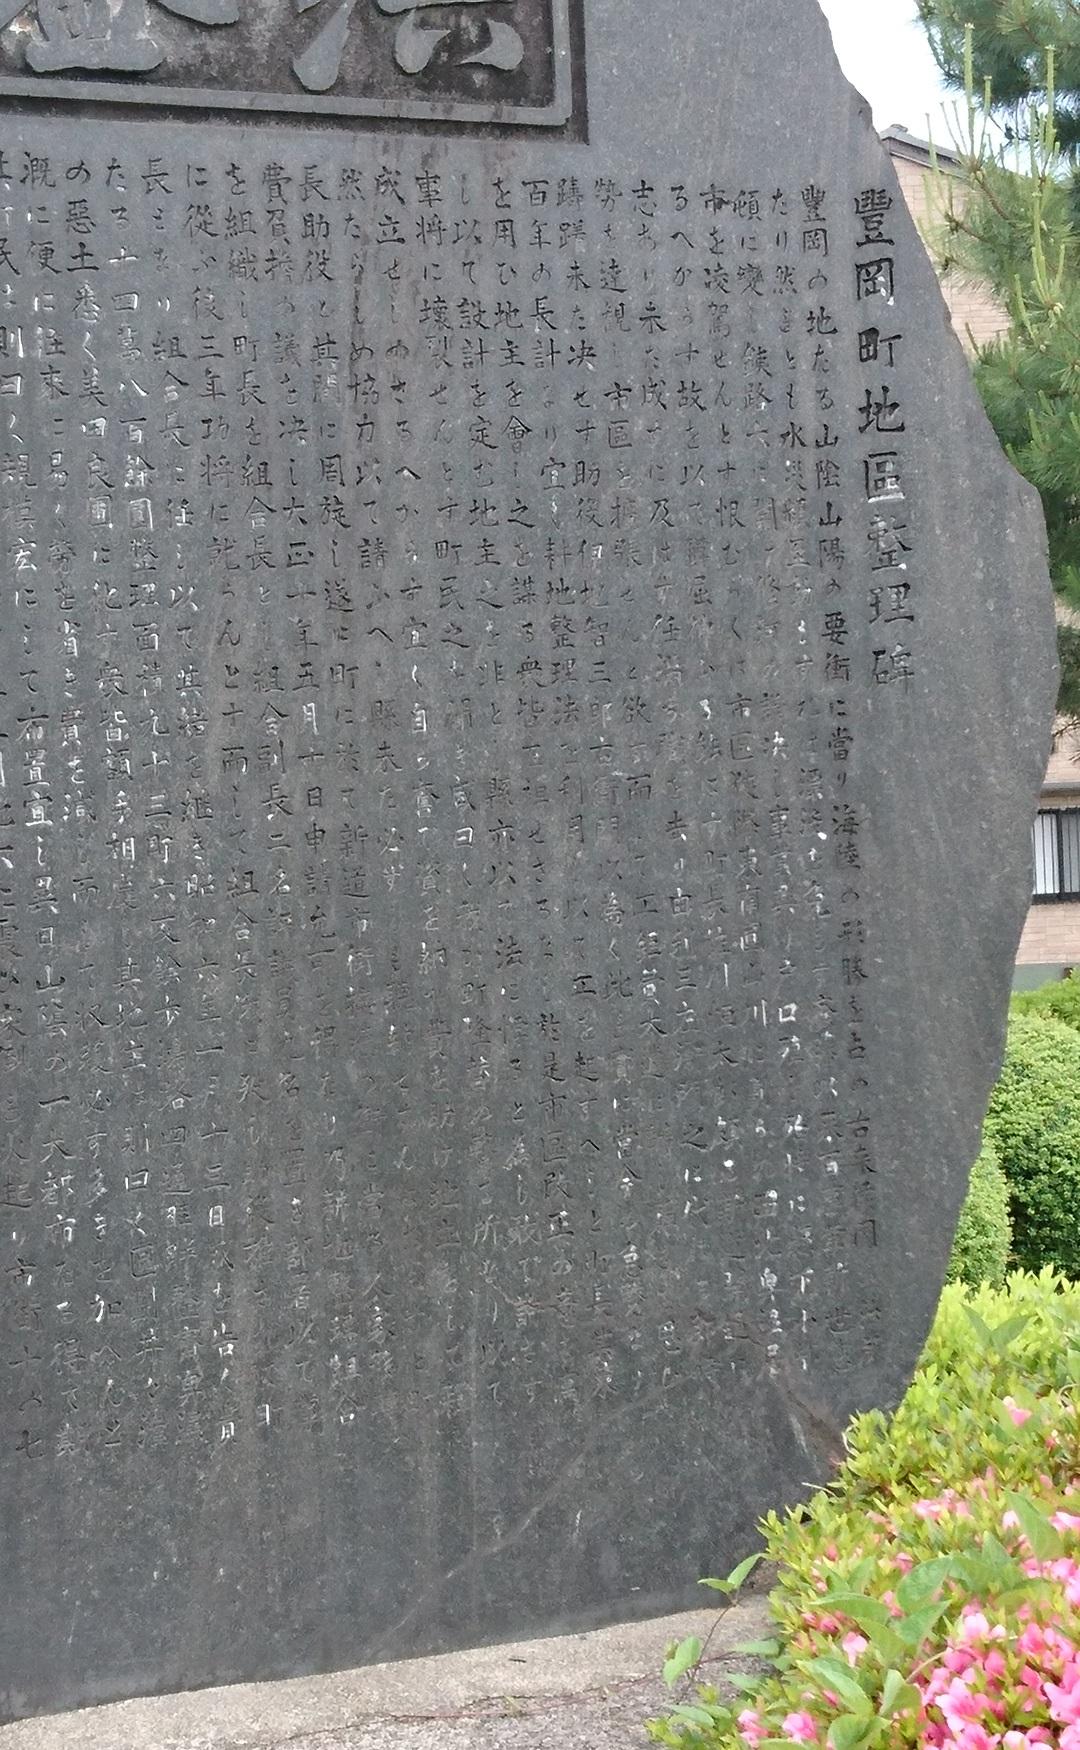 2017.6.3 豊岡 (81) 豊岡町地区整理碑 1080-1750